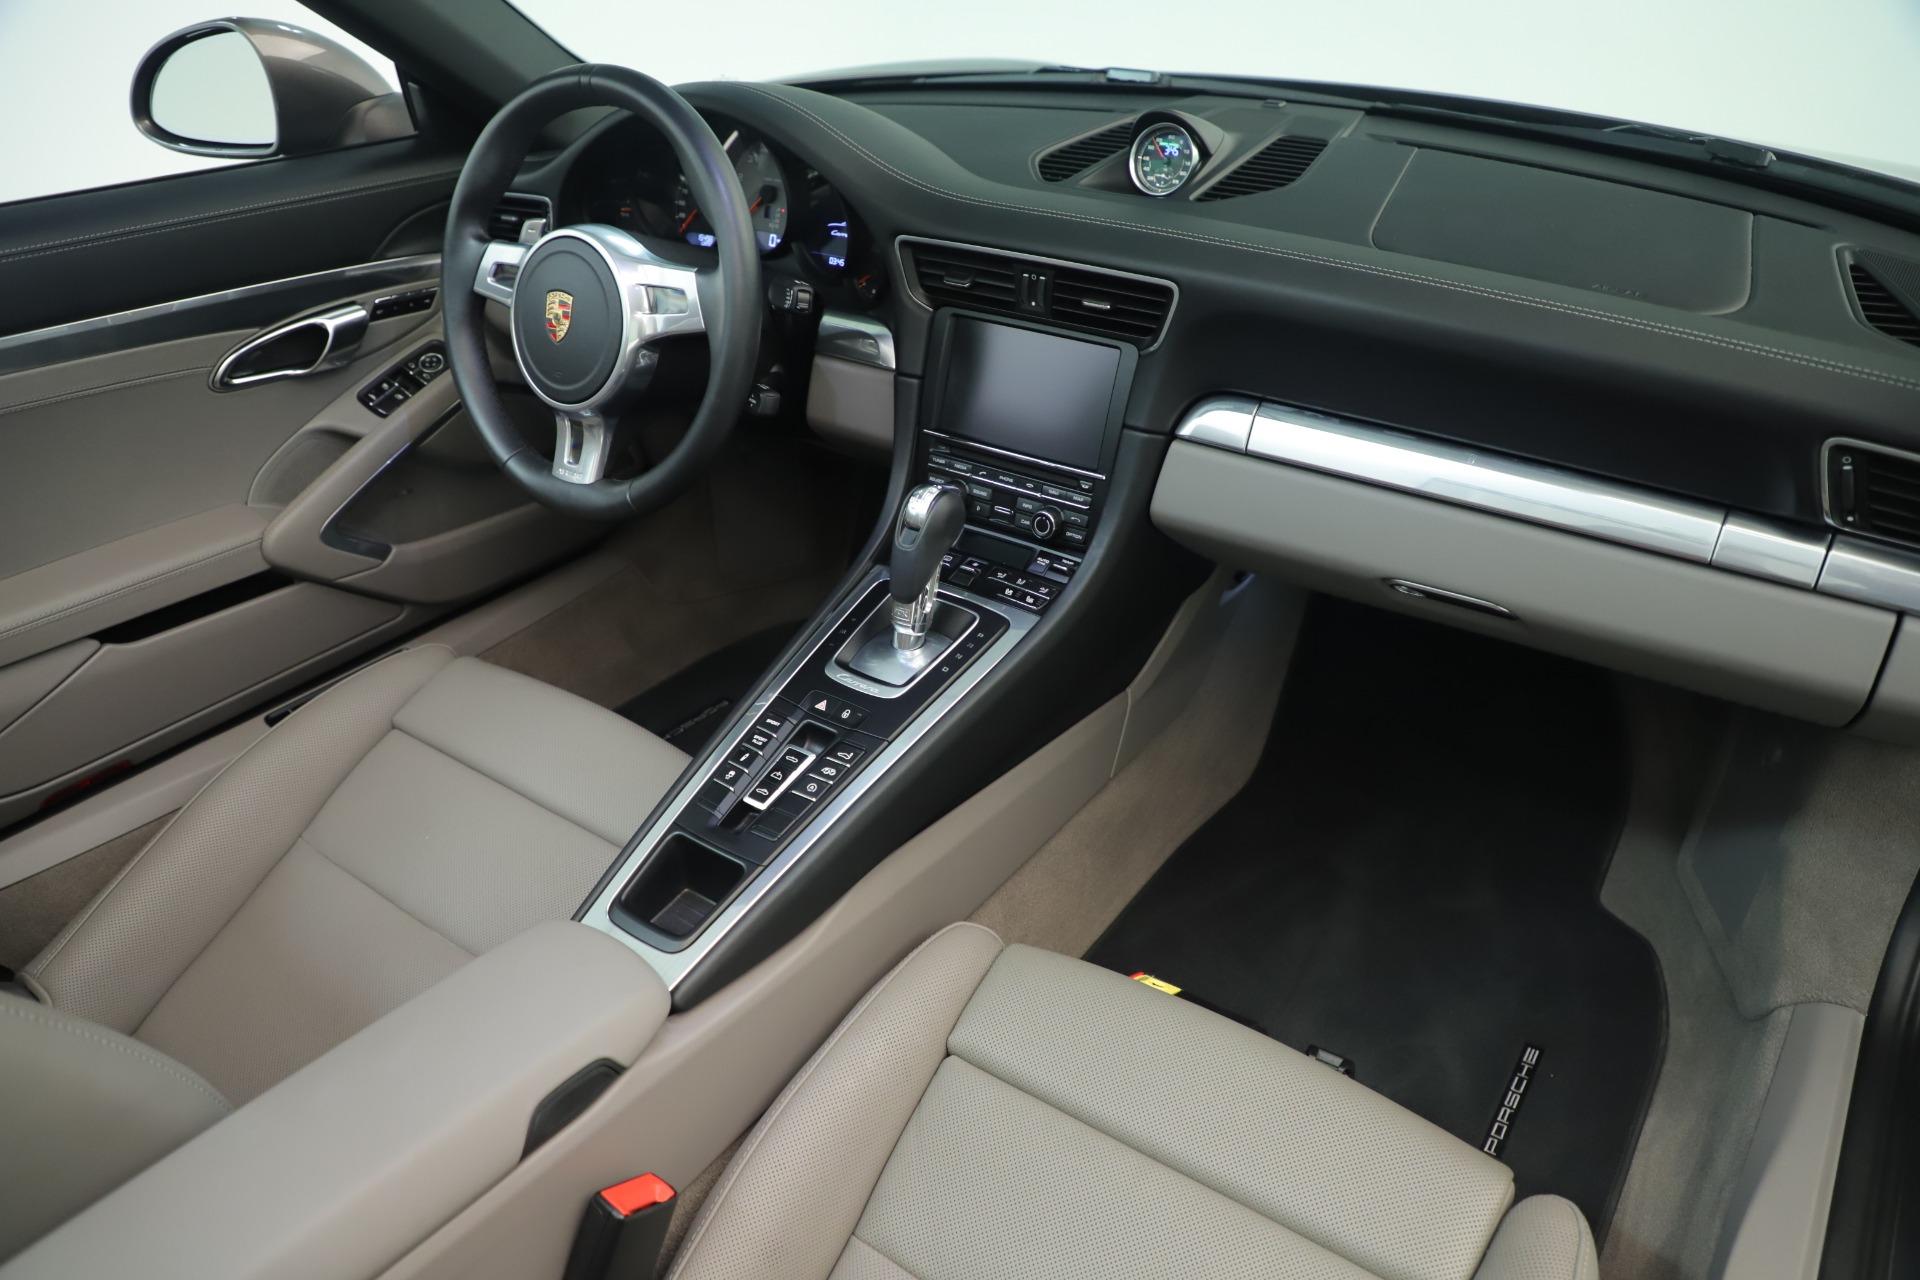 Used 2015 Porsche 911 Carrera 4S For Sale In Greenwich, CT 3383_p24